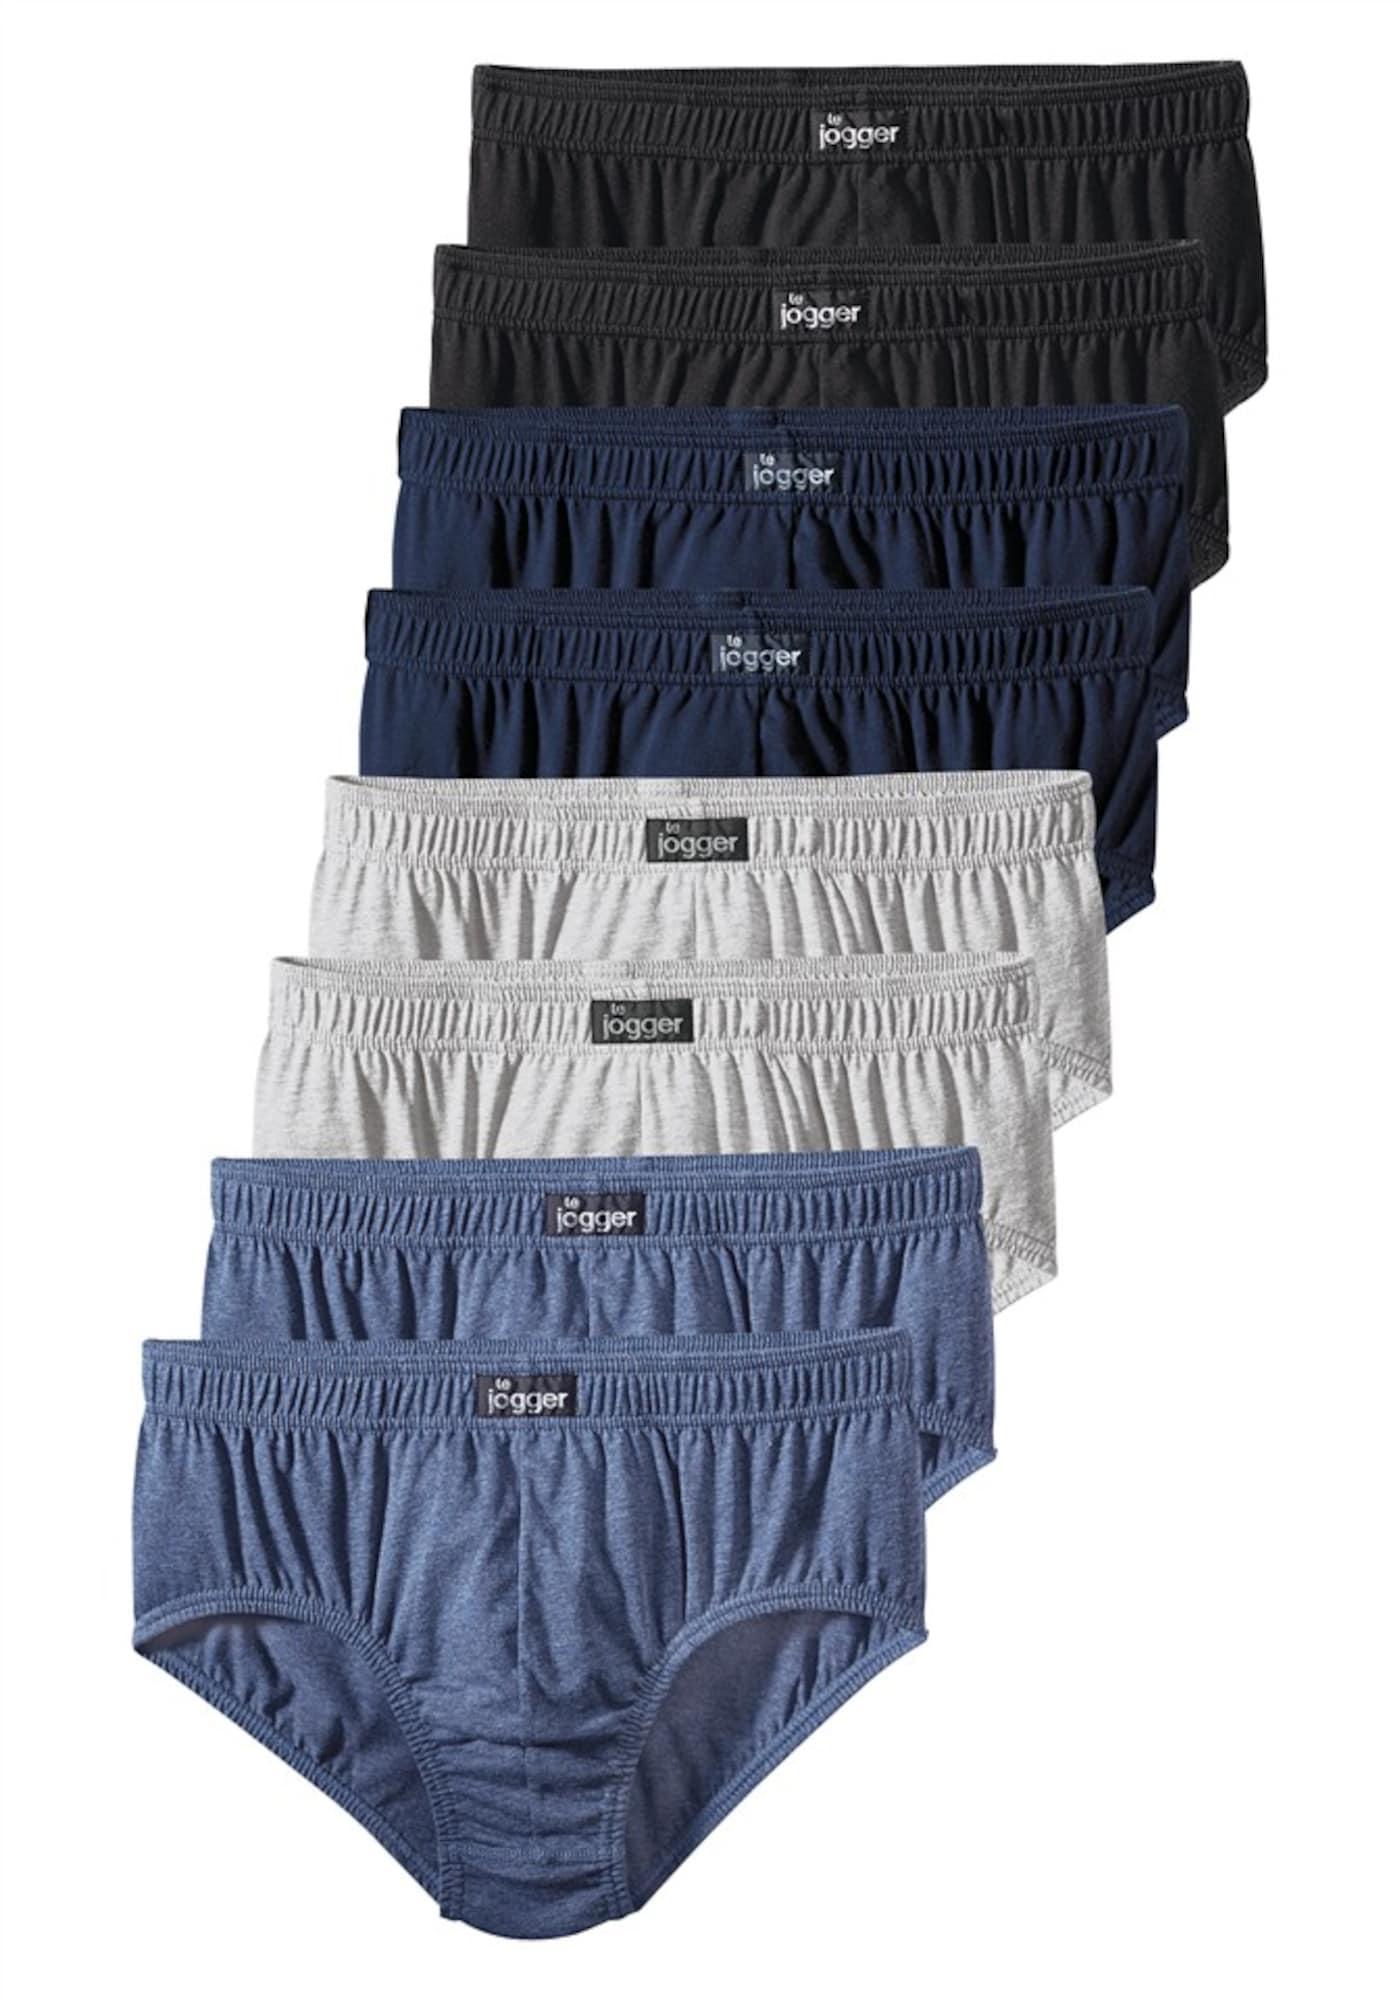 Slip (8 Stck.)   Bekleidung > Wäsche   Kobaltblau - Schwarz   LE JOGGER